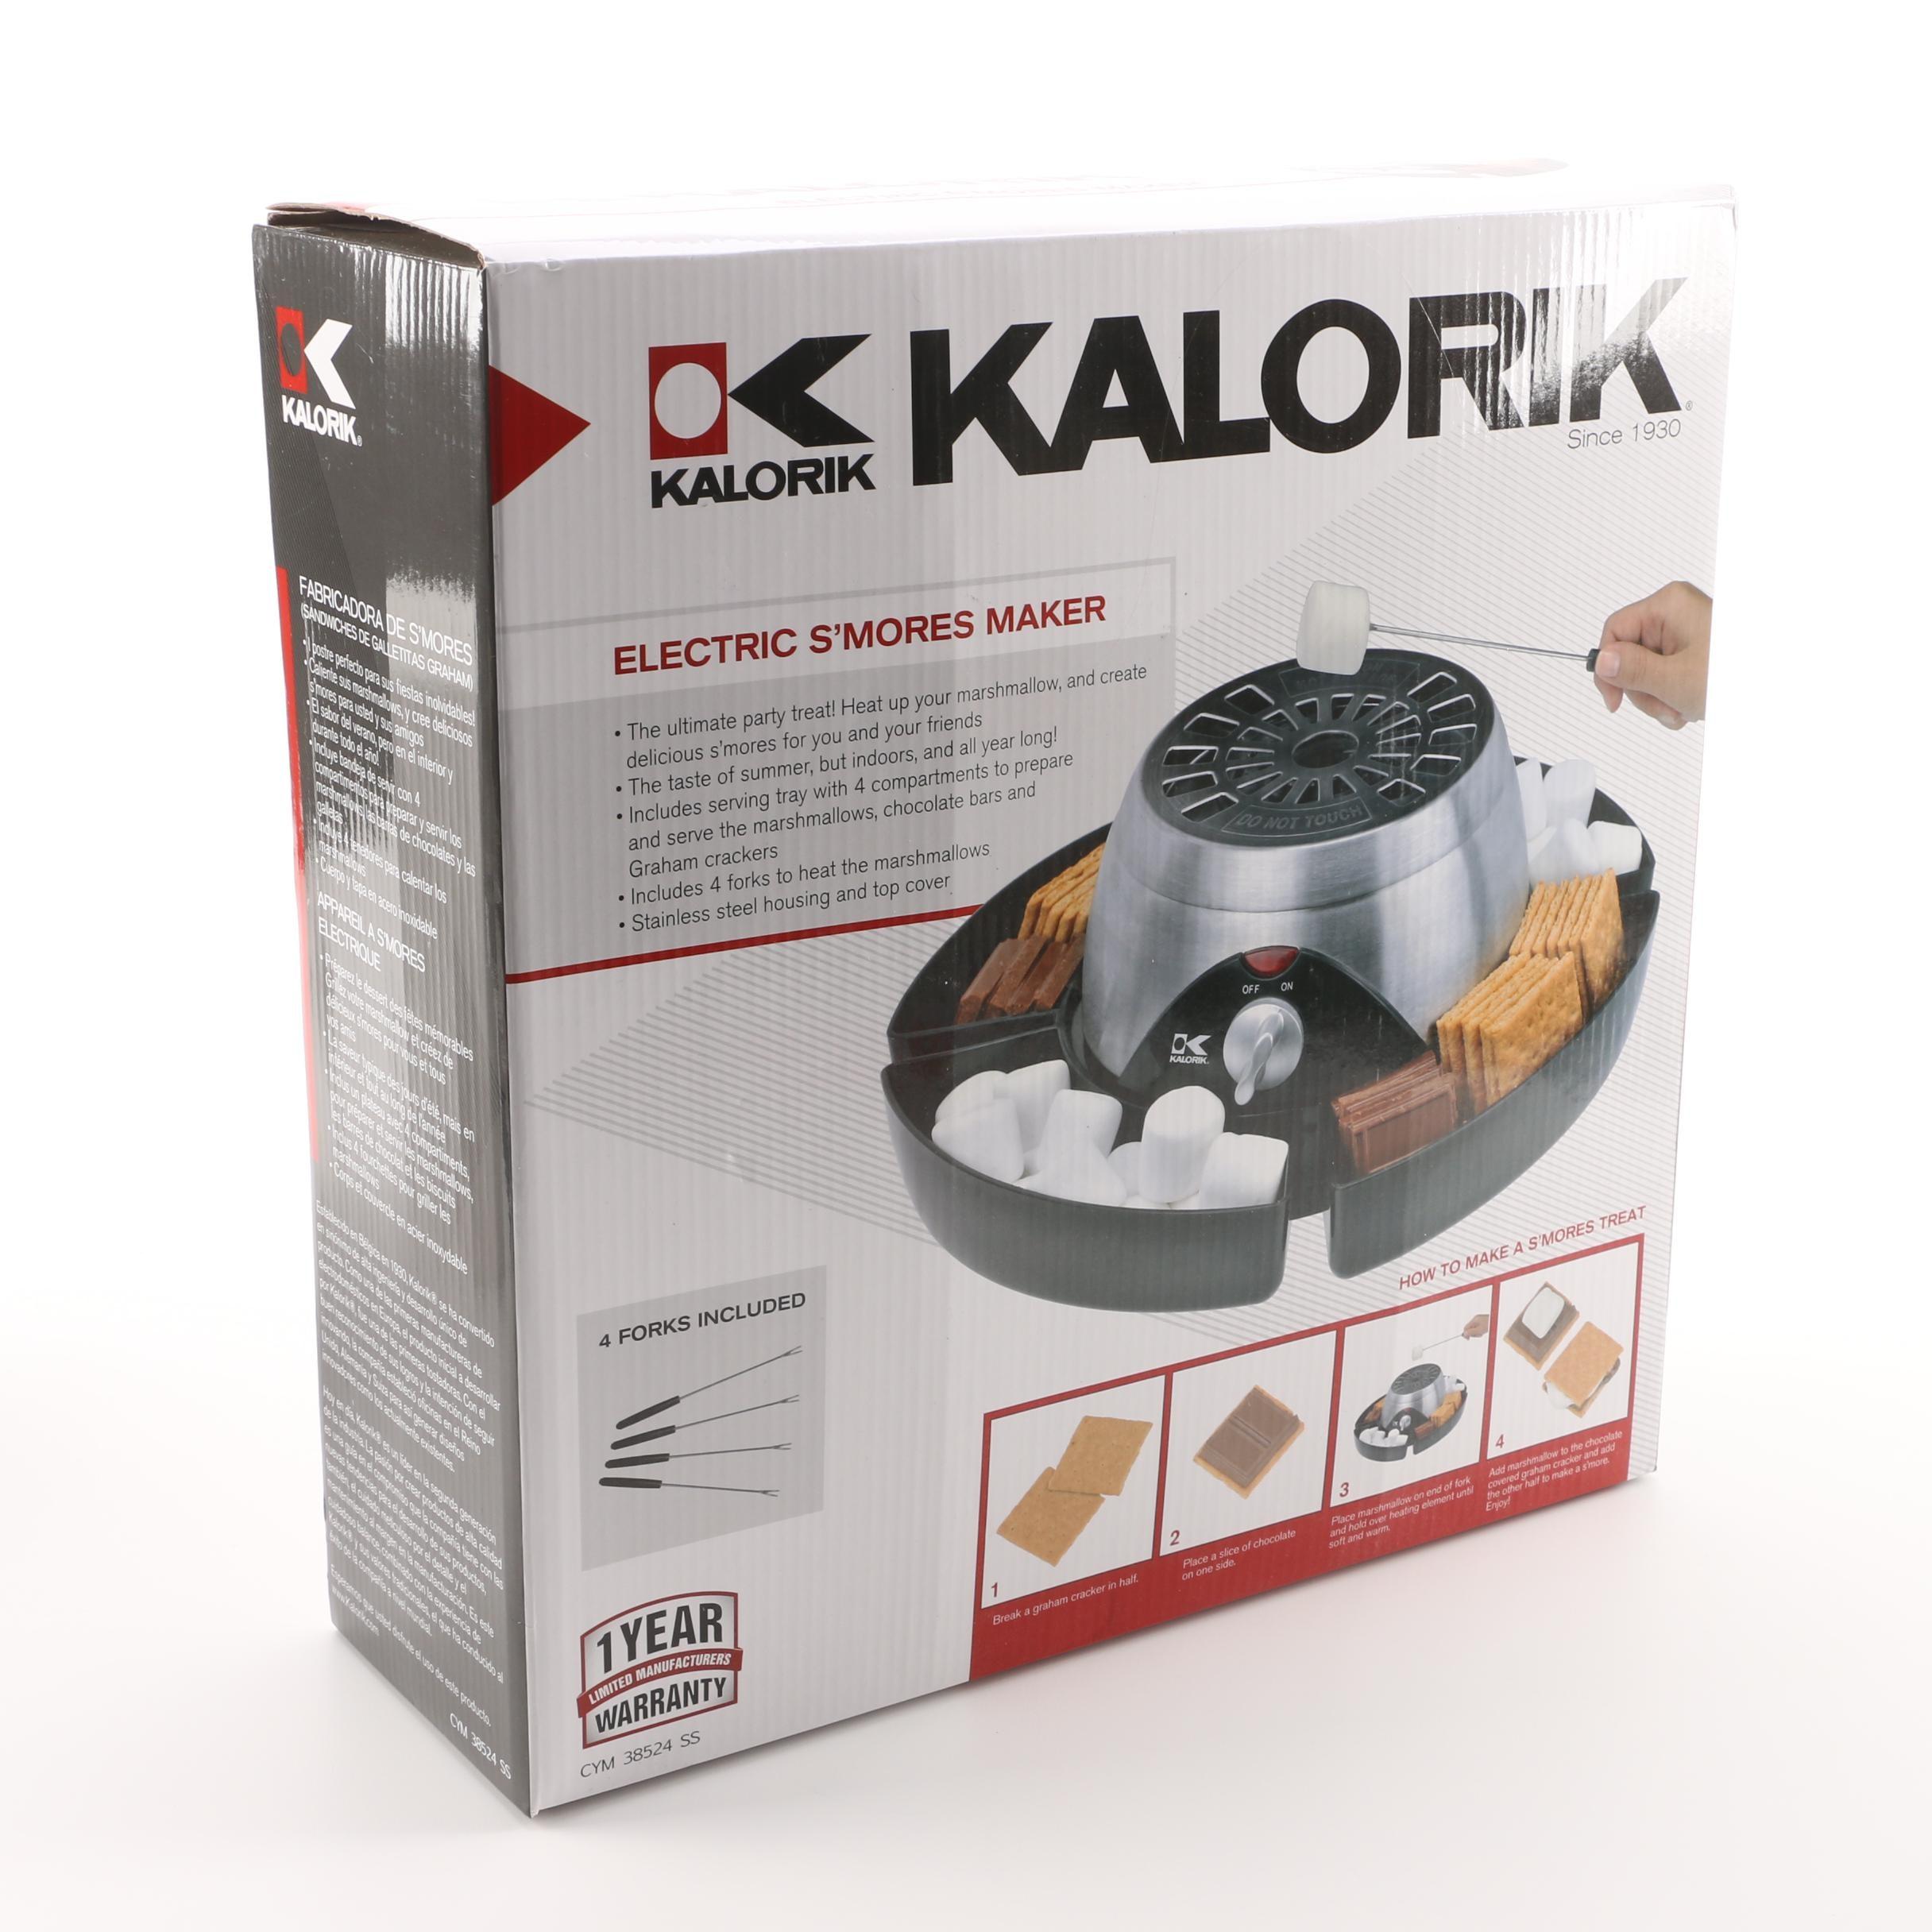 Kalorik Electric S'mores Maker CYM 38524 SS